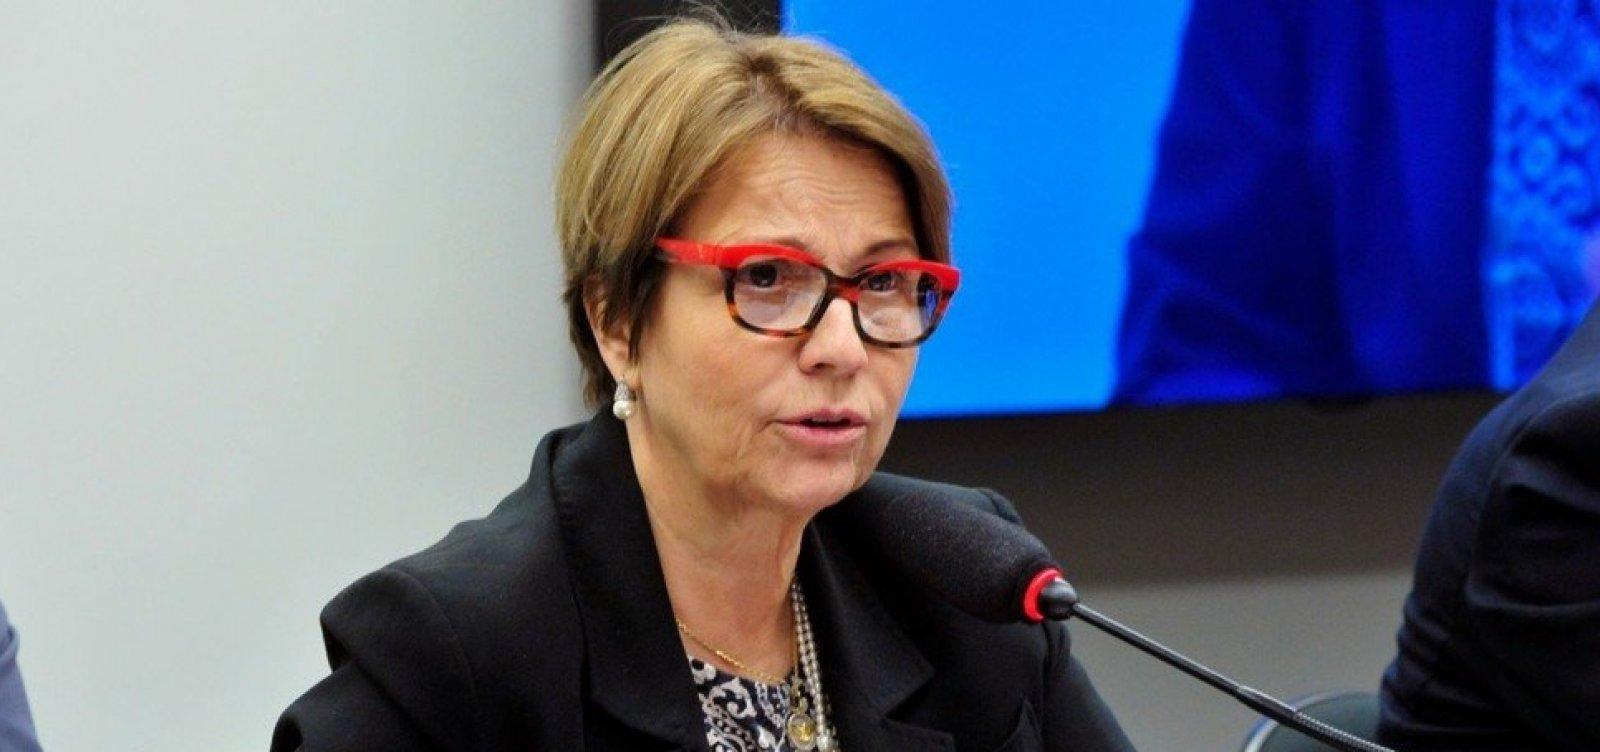 [Bolsonaro indica nomeação deministra da Agricultura em seu governo]